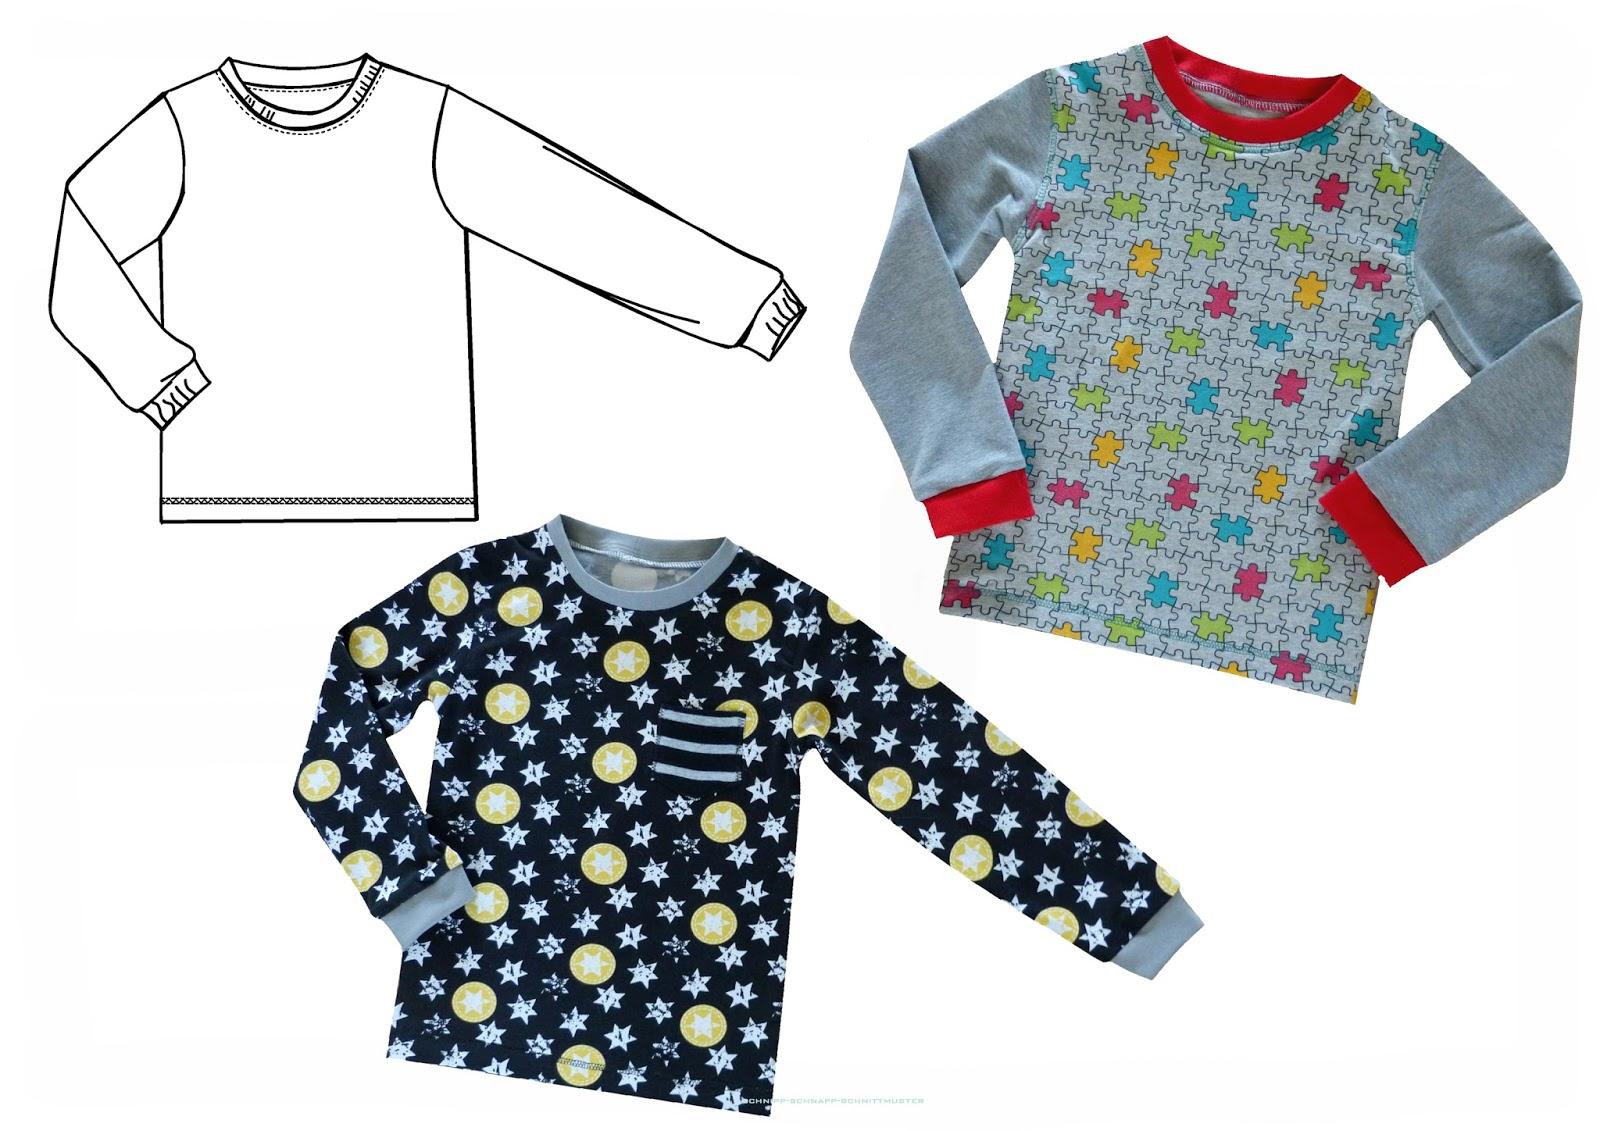 schnipp-schnapp-schnittmuster: Nähen für Anfänger : Basic Shirt ...